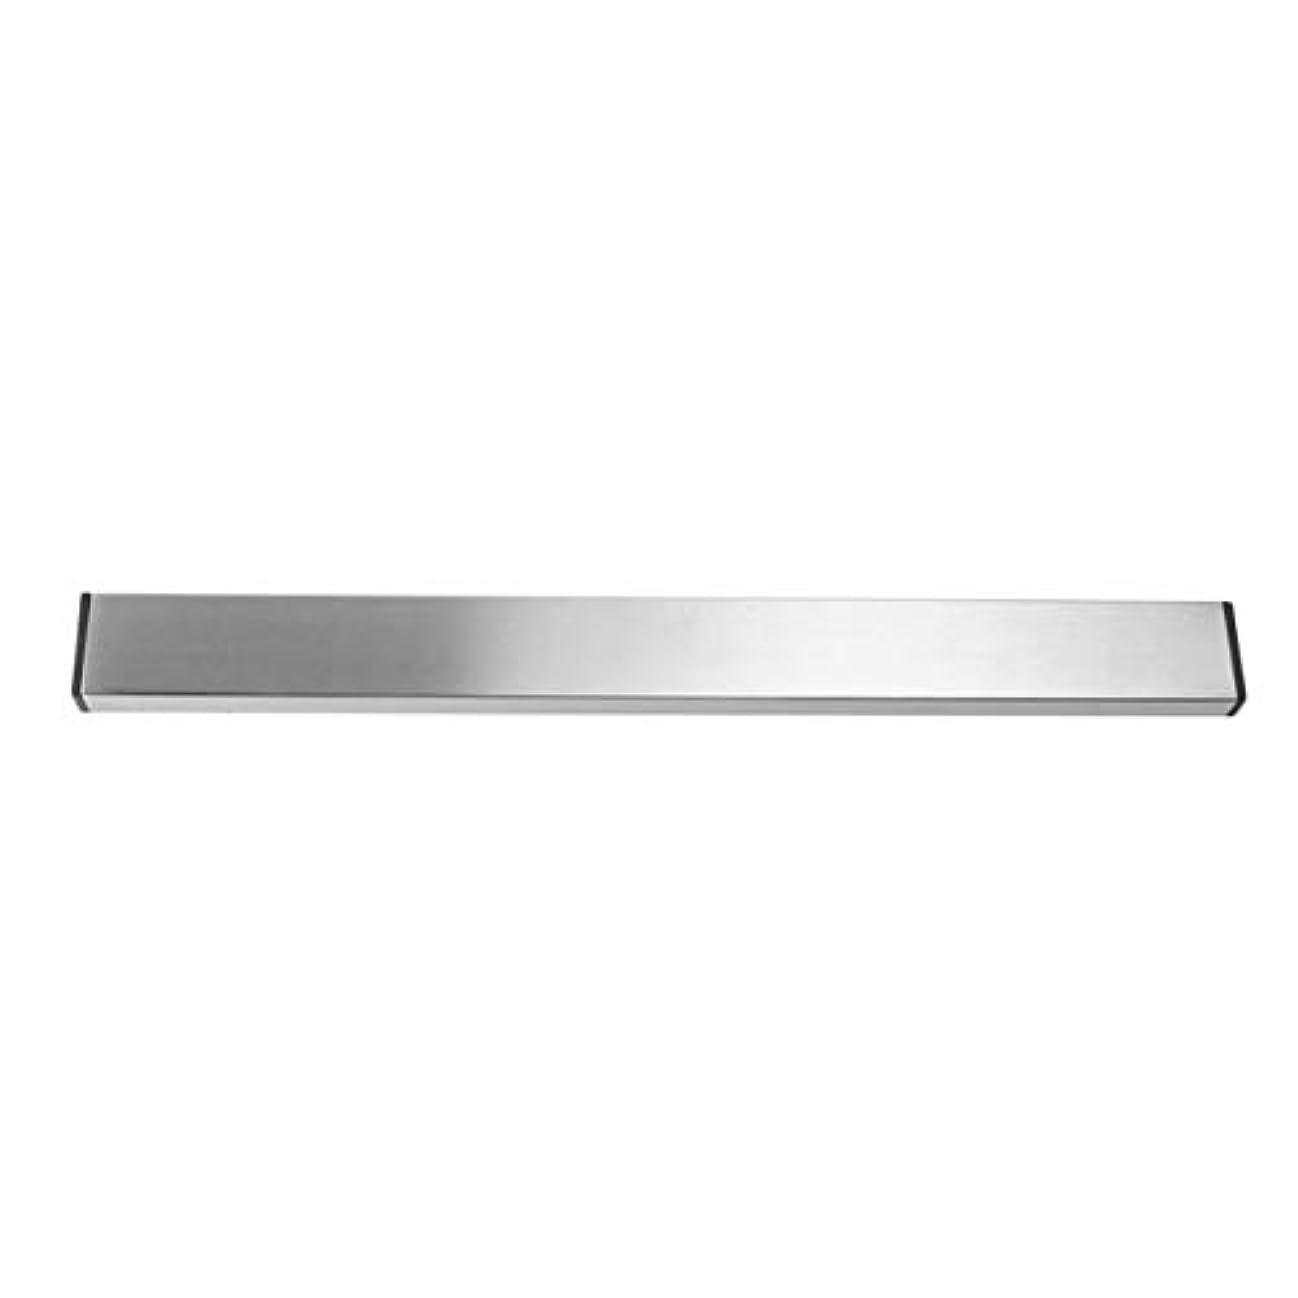 代替鬼ごっこ鬼ごっこSaikogoods 実用的なホーム台所の壁マウントされた磁気ナイフホルダー耐久性のあるステンレススチール簡単に保存ナイフは台所用具ラック 銀 M